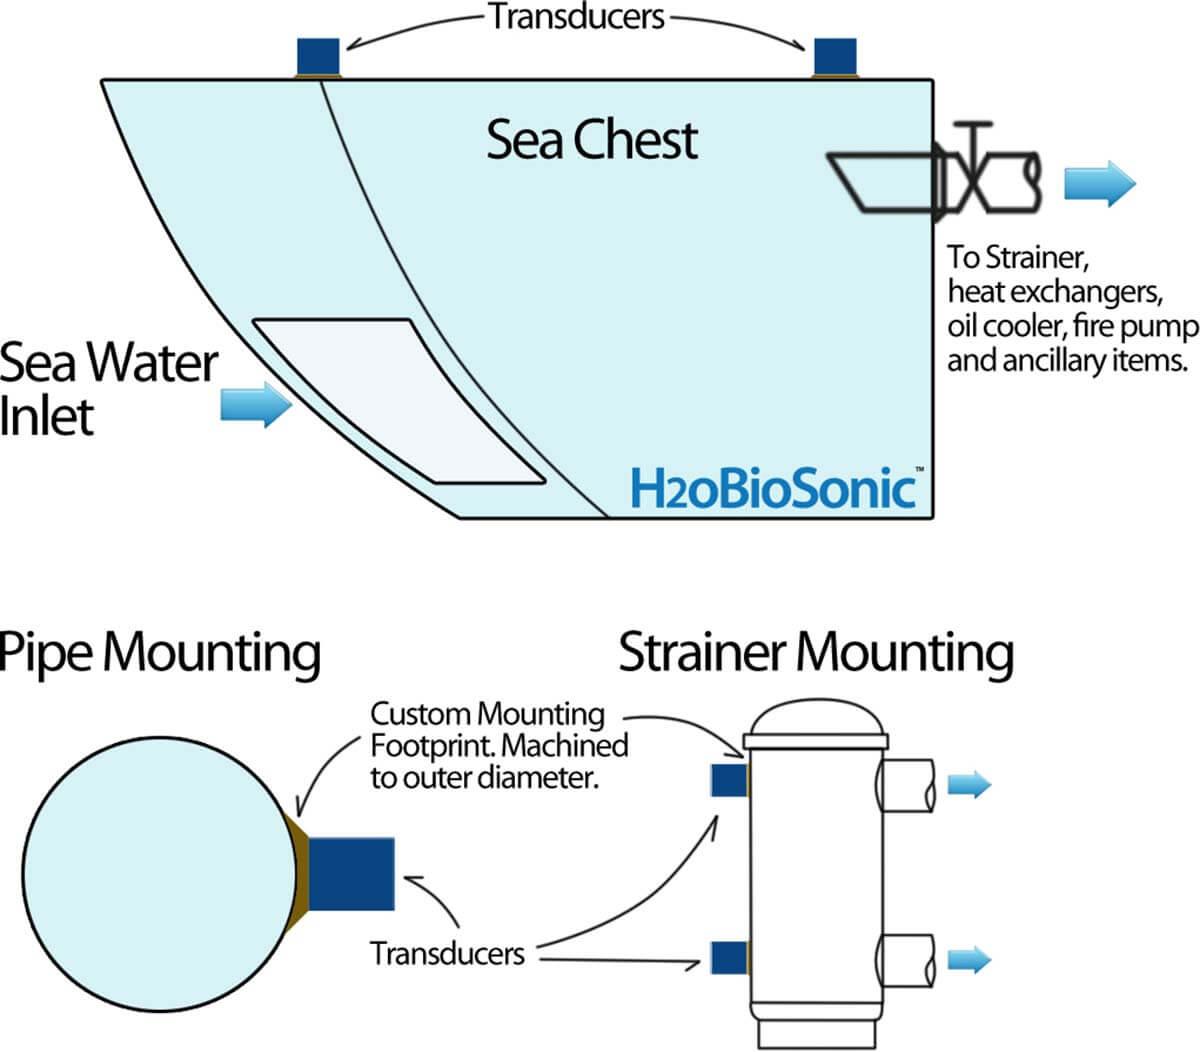 کشتیهای آب مورد نیاز خود را چگونه تأمین میکنند؟